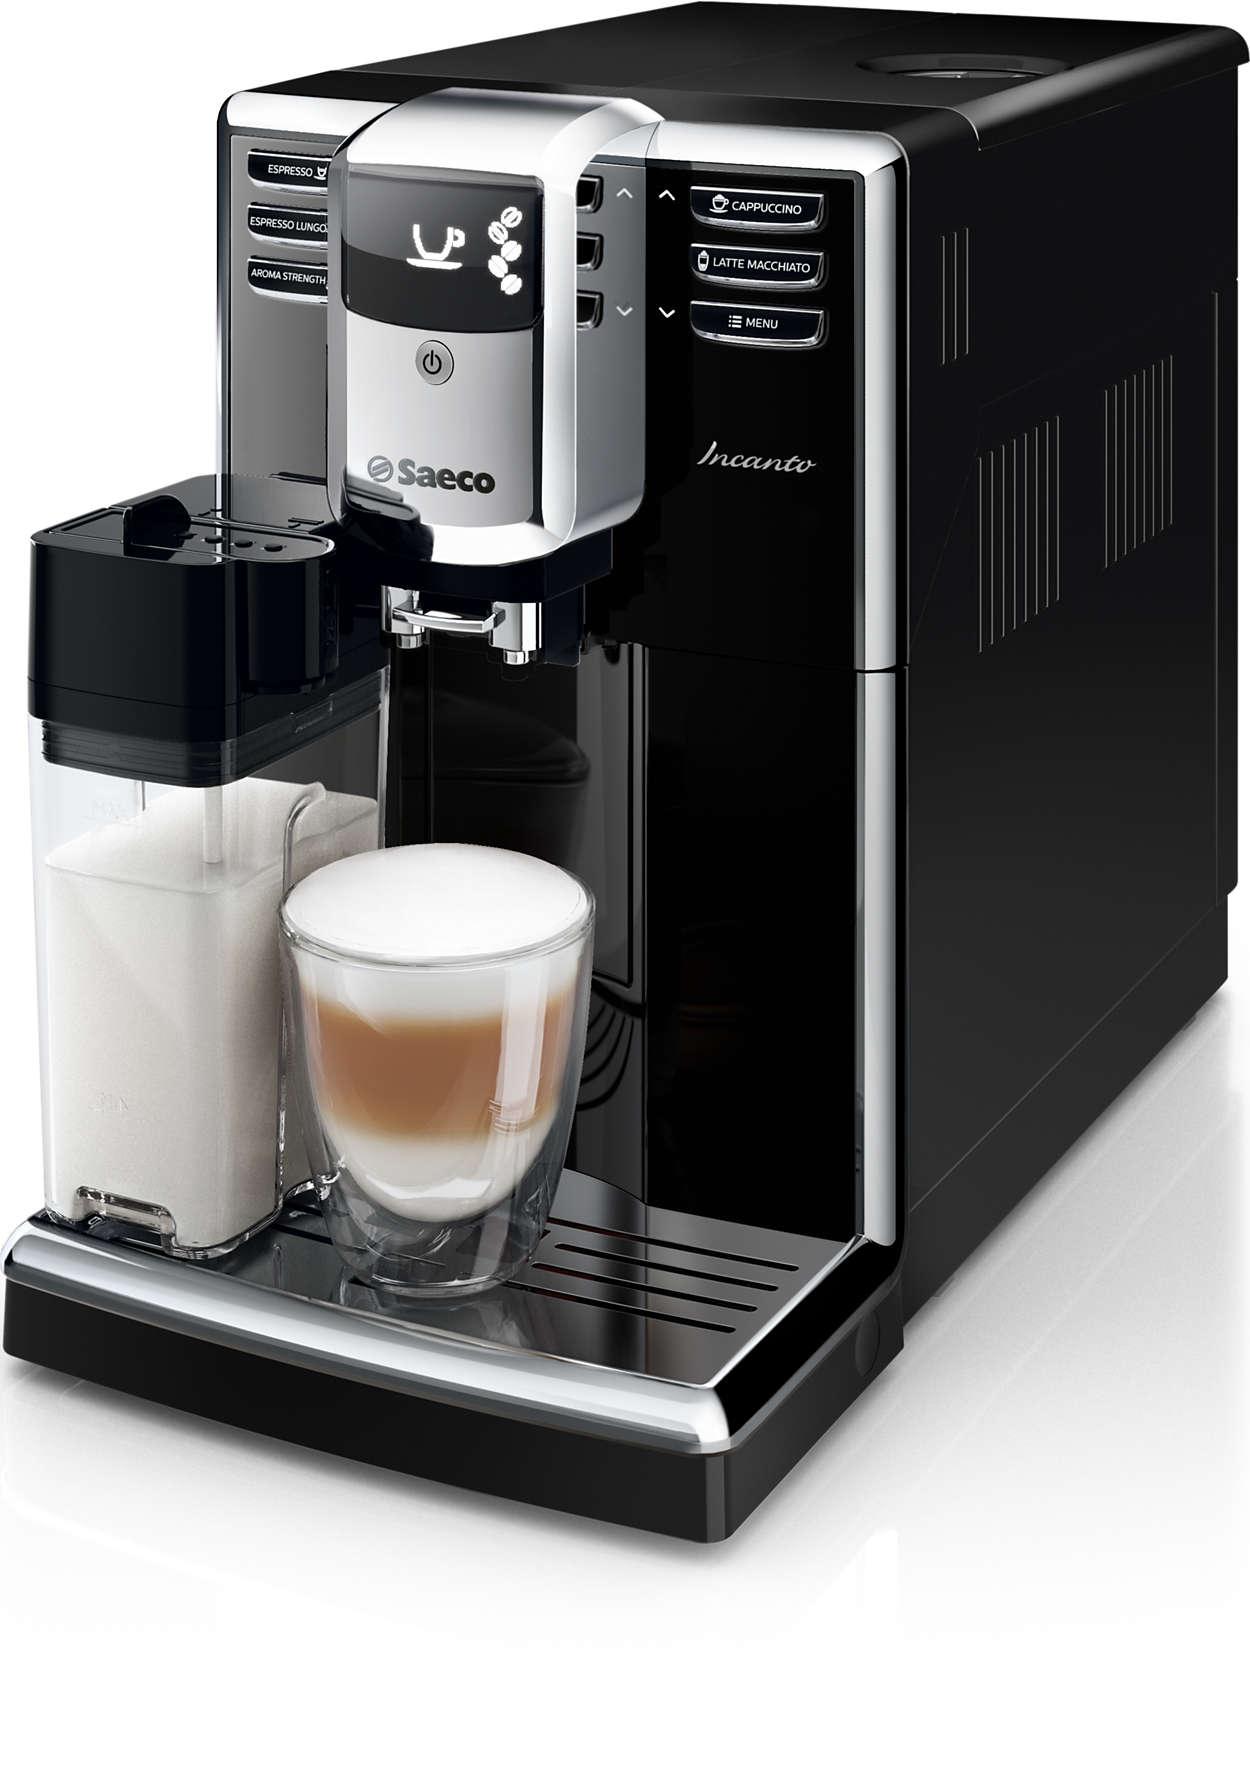 Elegantiškas dizainas. Įspūdinga kavos kokybė.